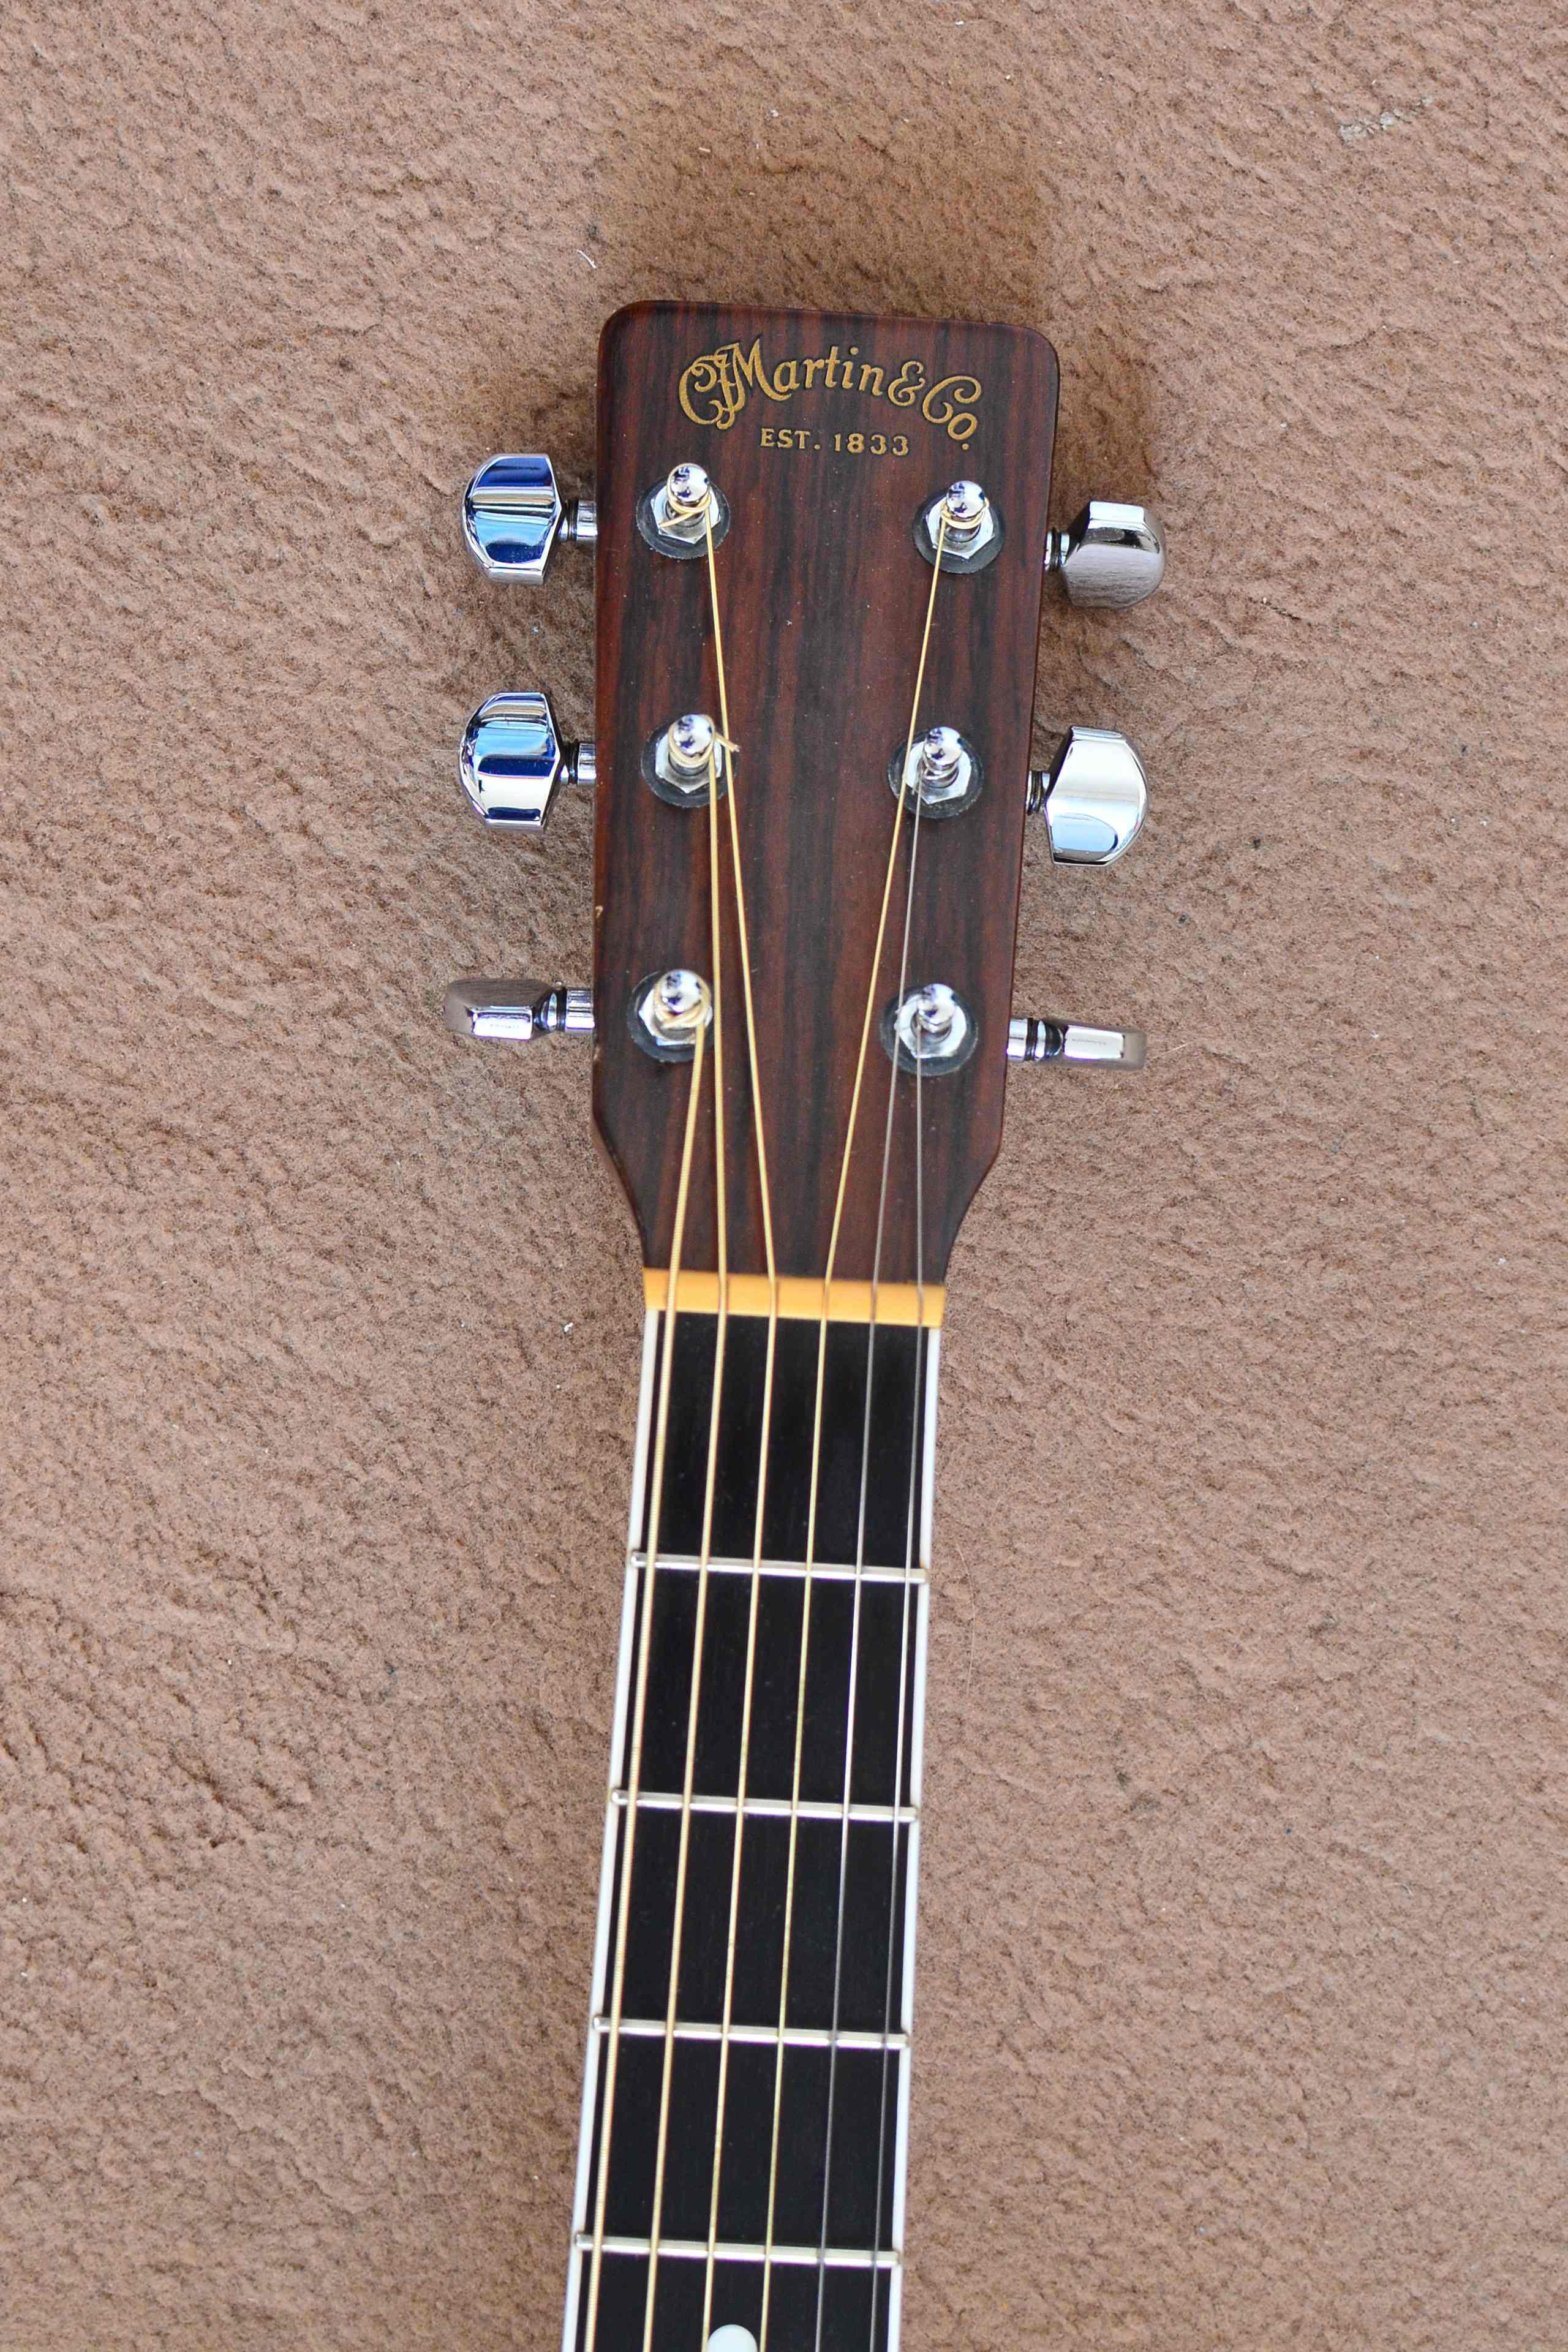 c f martin d35 1979 natural rosewood guitar for sale. Black Bedroom Furniture Sets. Home Design Ideas